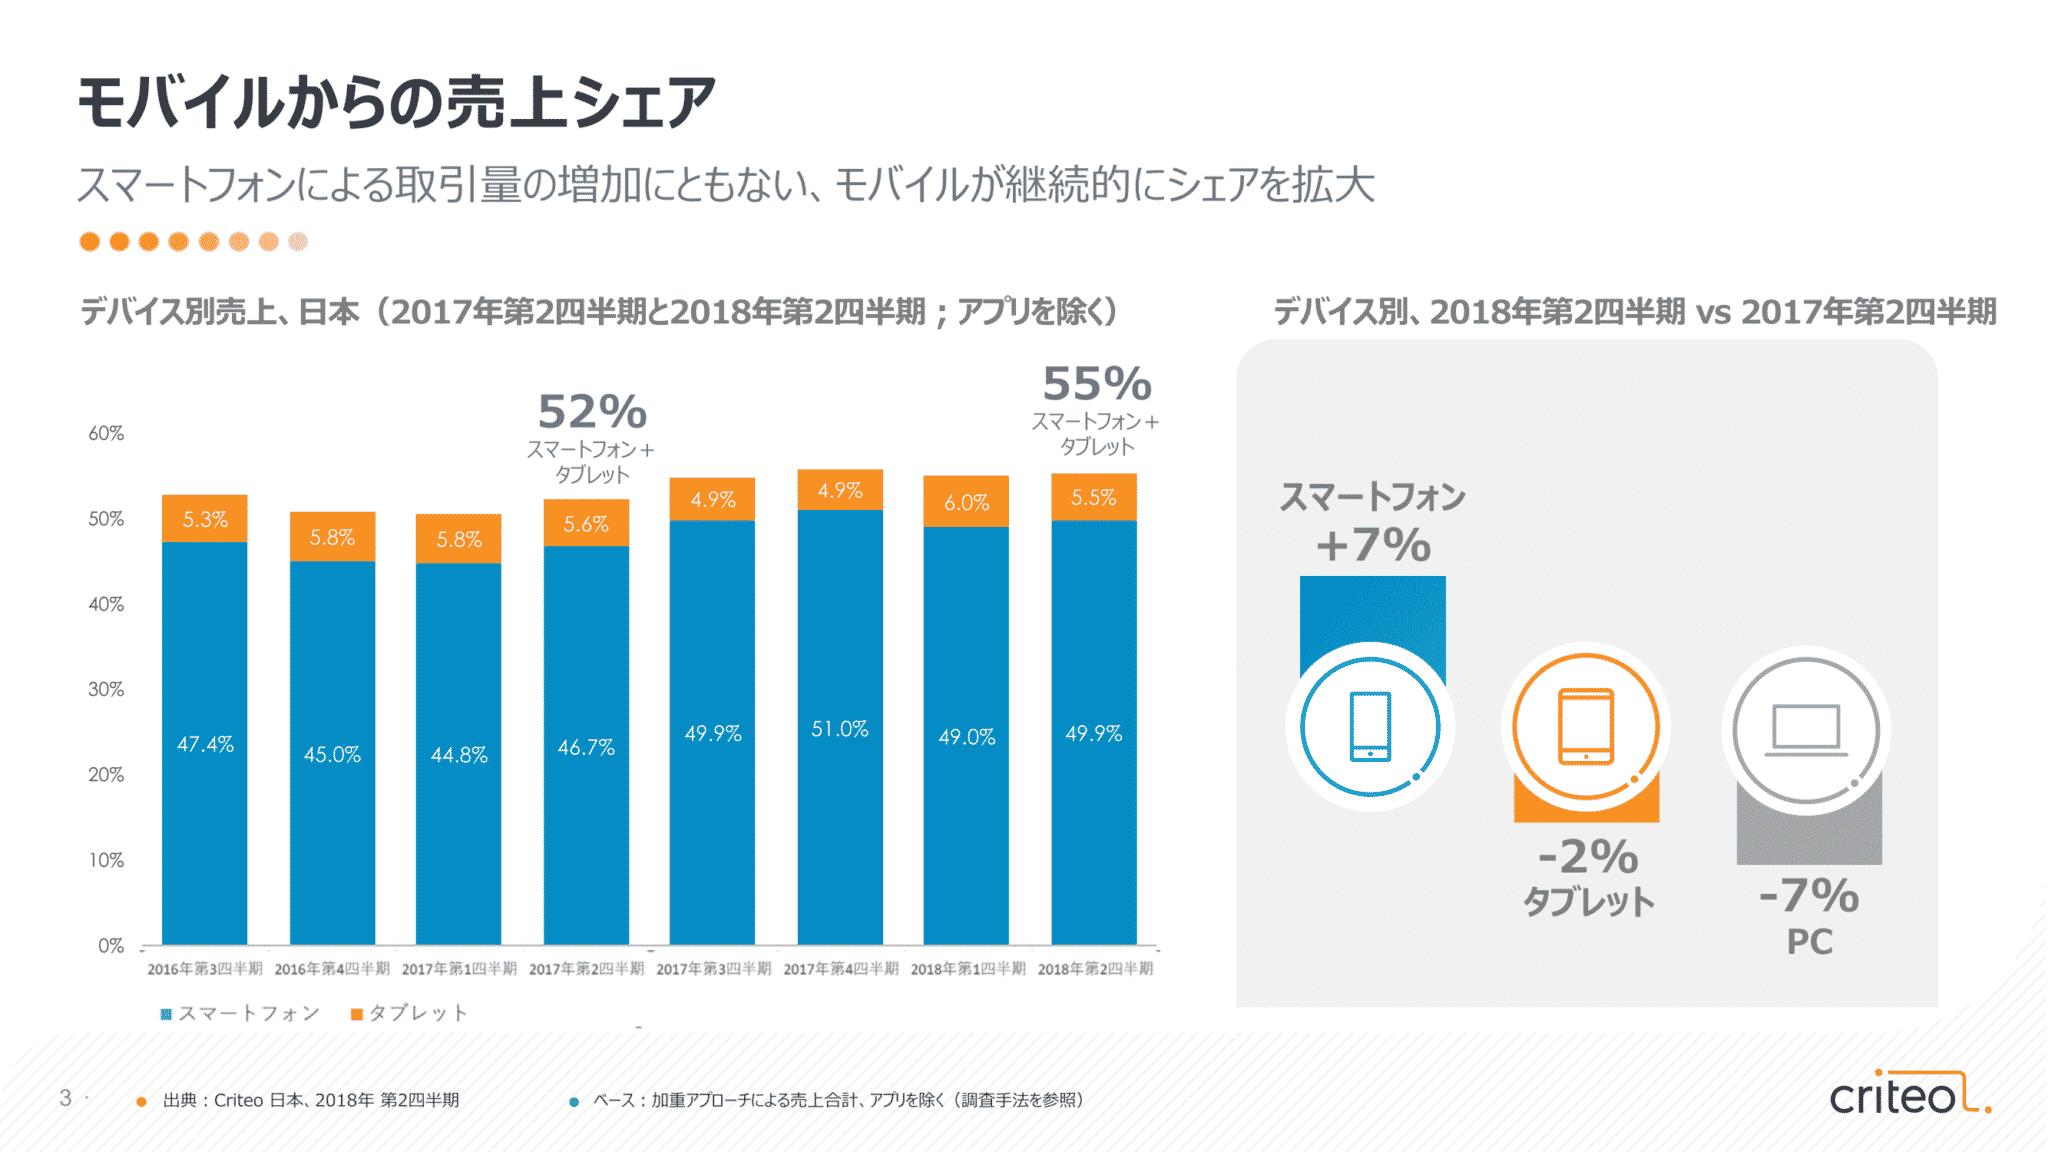 好調!モバイル取引~日本では売上全体の55%に